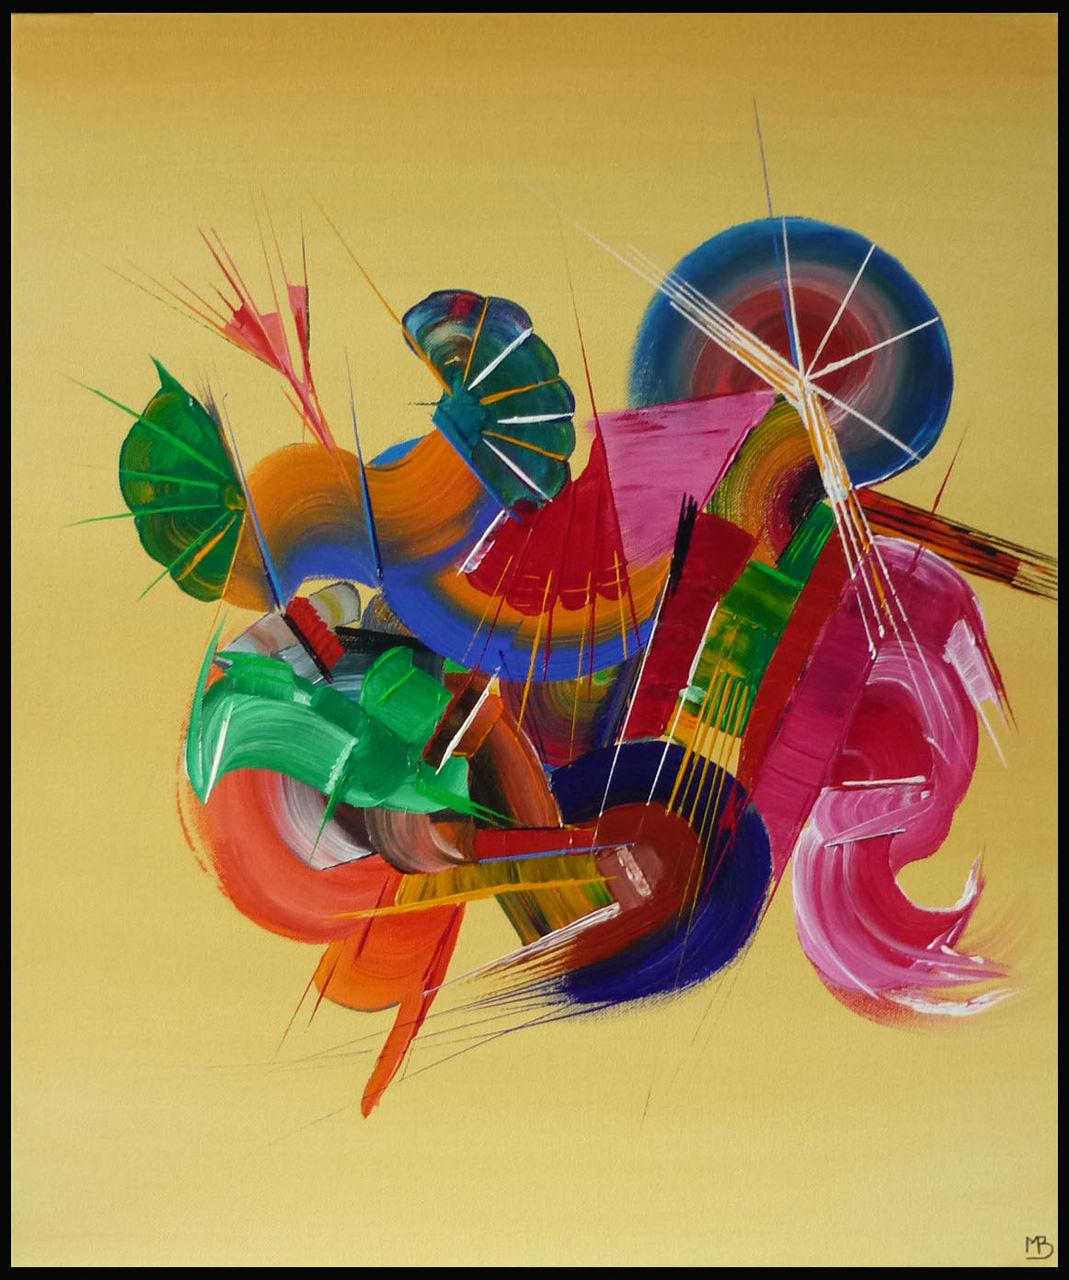 MA PEINTURE SUR TOILE Musique | peinture abstraite | MA PEINTURE SUR TOILE